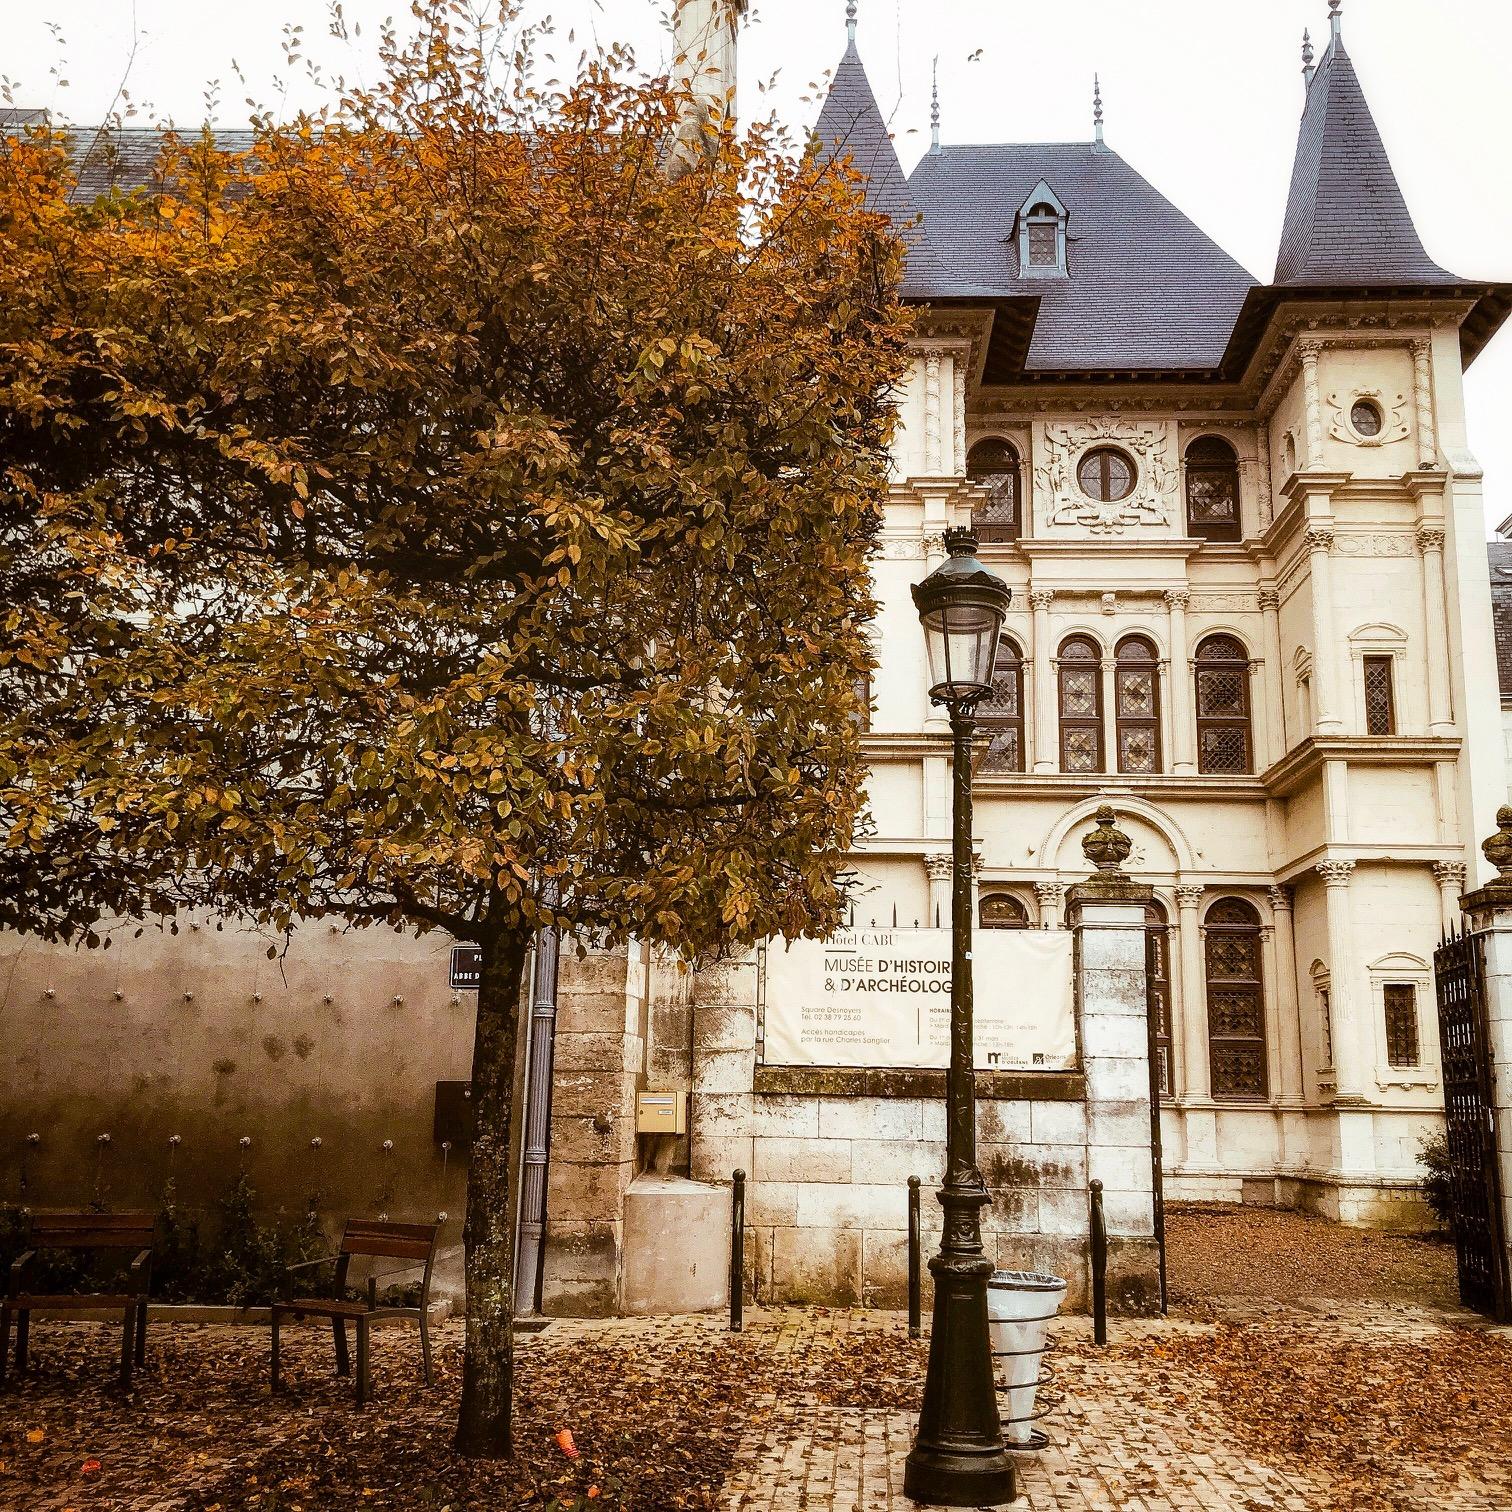 L'hôtel Cabu. Musée d'histoire et d'archéologie d'Orléans